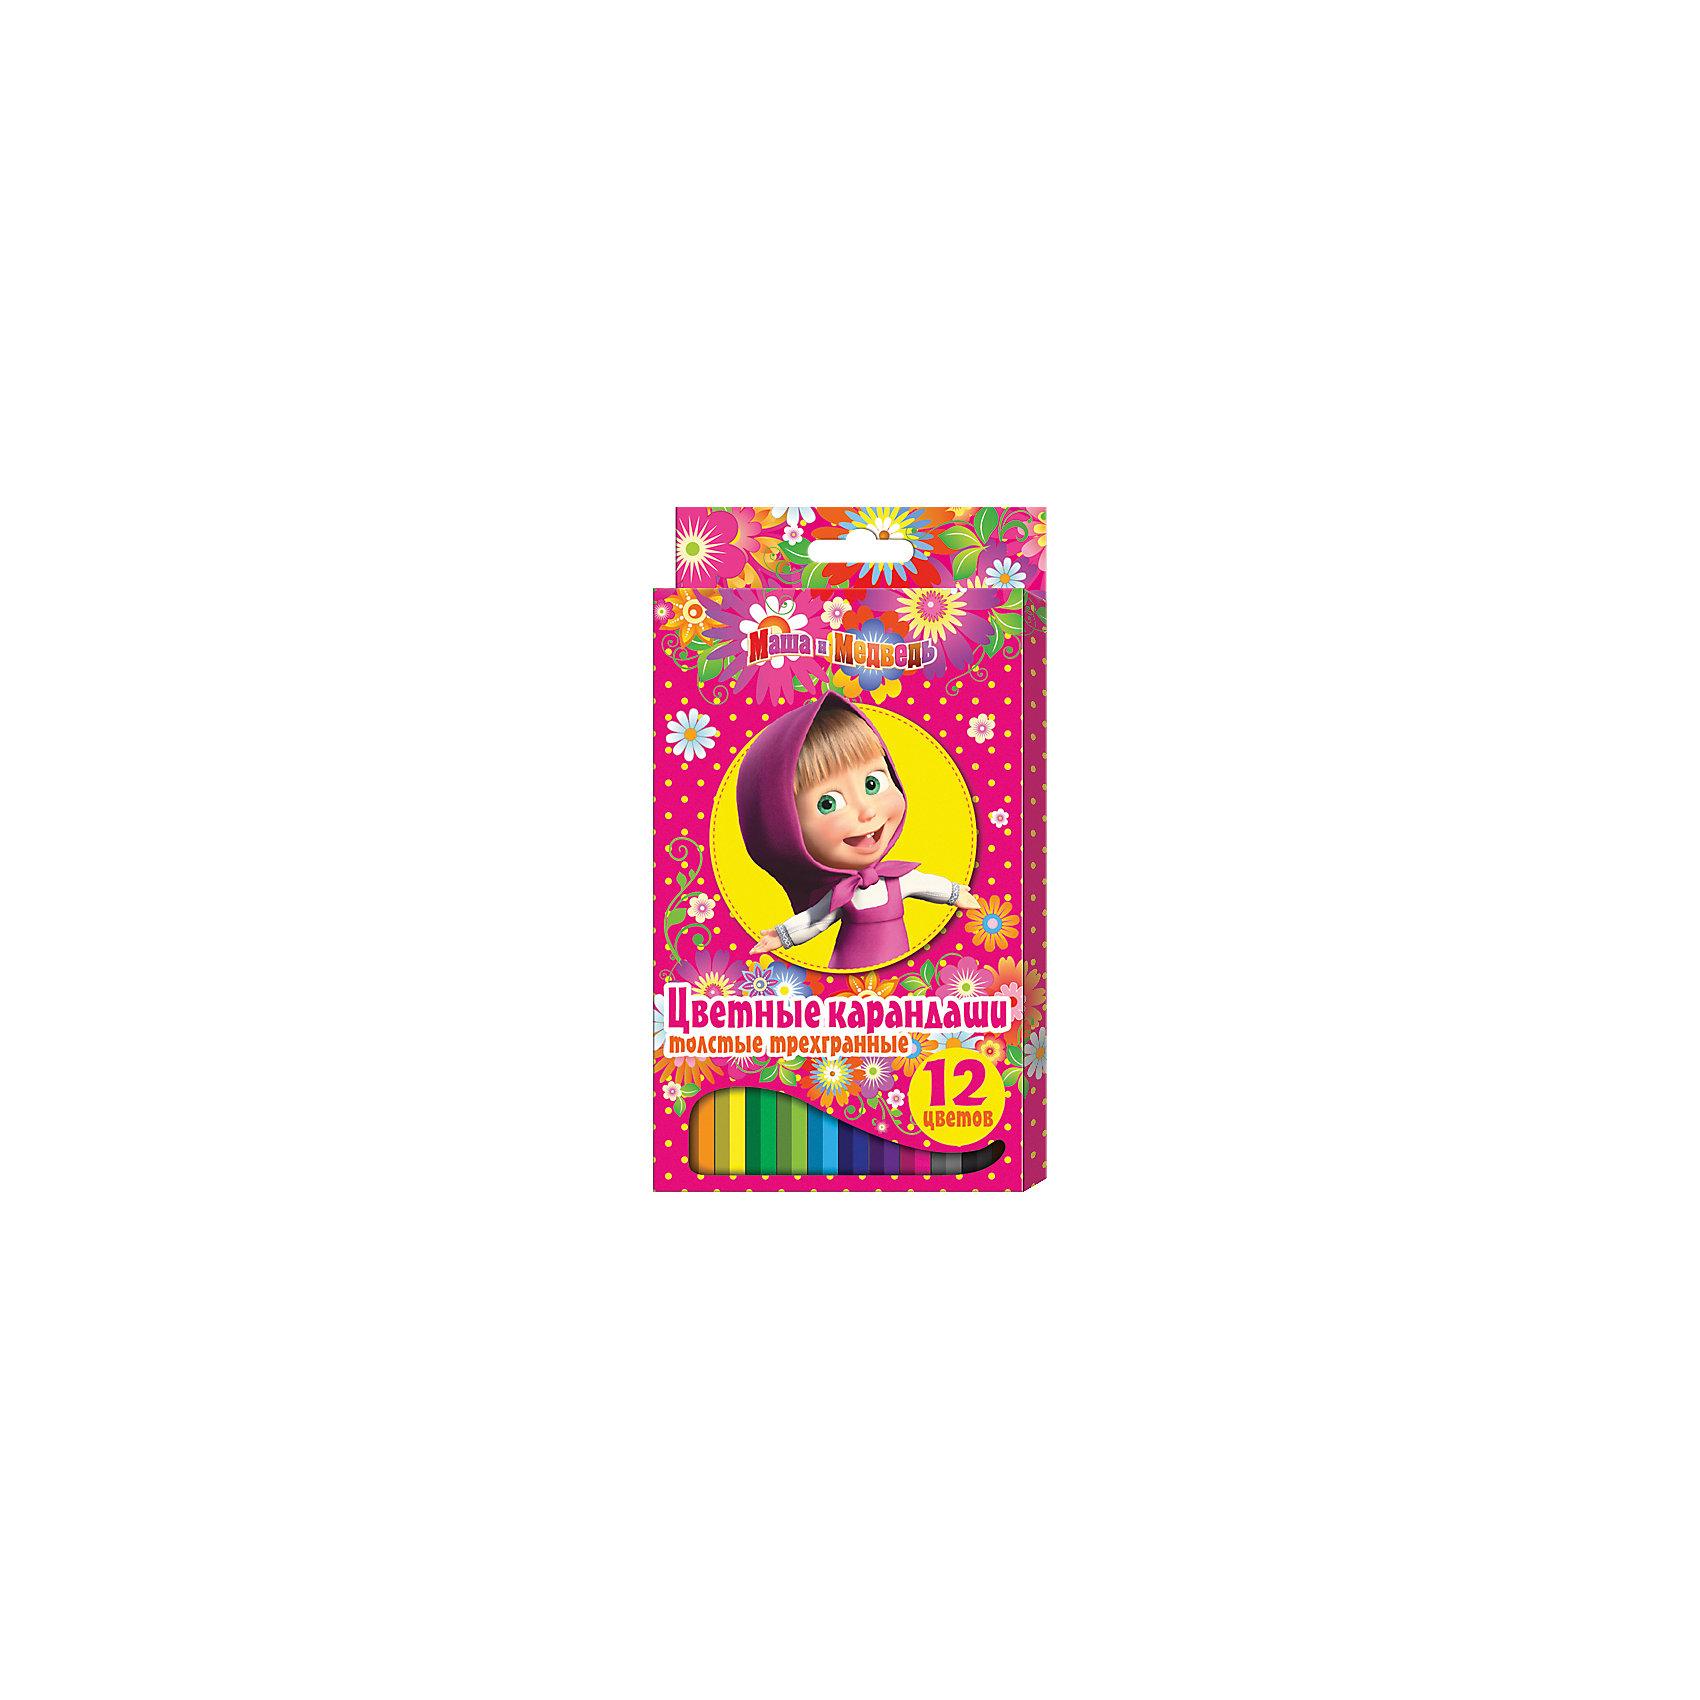 Цветные карандаши, 12 цв., Маша и МедведьЦветные карандаши - необходимый инструмент для детского творчества и школьных занятий. Карандаши, Маша и Медведь, идеально подходят для рисования, письма и раскрашивания. Карандаши разработаны специально для малышей: благодаря утолщенному трехгранному корпусу и эргономичной форме, они особенно удобны для детской руки, поэтому ребенок может рисовать без усталости и правильно держать мягкий карандаш. Изготовлены из высококачественной древесины, легко затачиваются, имеют прочный грифель, который не ломается при<br>заточке. Набор из 12 карандашей оформлен в розовую картонную коробку с изображением любимой героини из популярного мультсериала Маша и Медведь.<br><br><br>Дополнительная информация:<br><br>- В комплекте: 12 карандашей.<br>- Материал: дерево, грифель.<br>- Размер упаковки: 21 х 1 х 11,5 см.<br>- Вес: 148 гр.<br><br>Цветные карандаши, 12 цв., Маша и Медведь, можно купить в нашем интернет-магазине.<br><br>Ширина мм: 210<br>Глубина мм: 115<br>Высота мм: 10<br>Вес г: 148<br>Возраст от месяцев: 36<br>Возраст до месяцев: 120<br>Пол: Унисекс<br>Возраст: Детский<br>SKU: 4774827